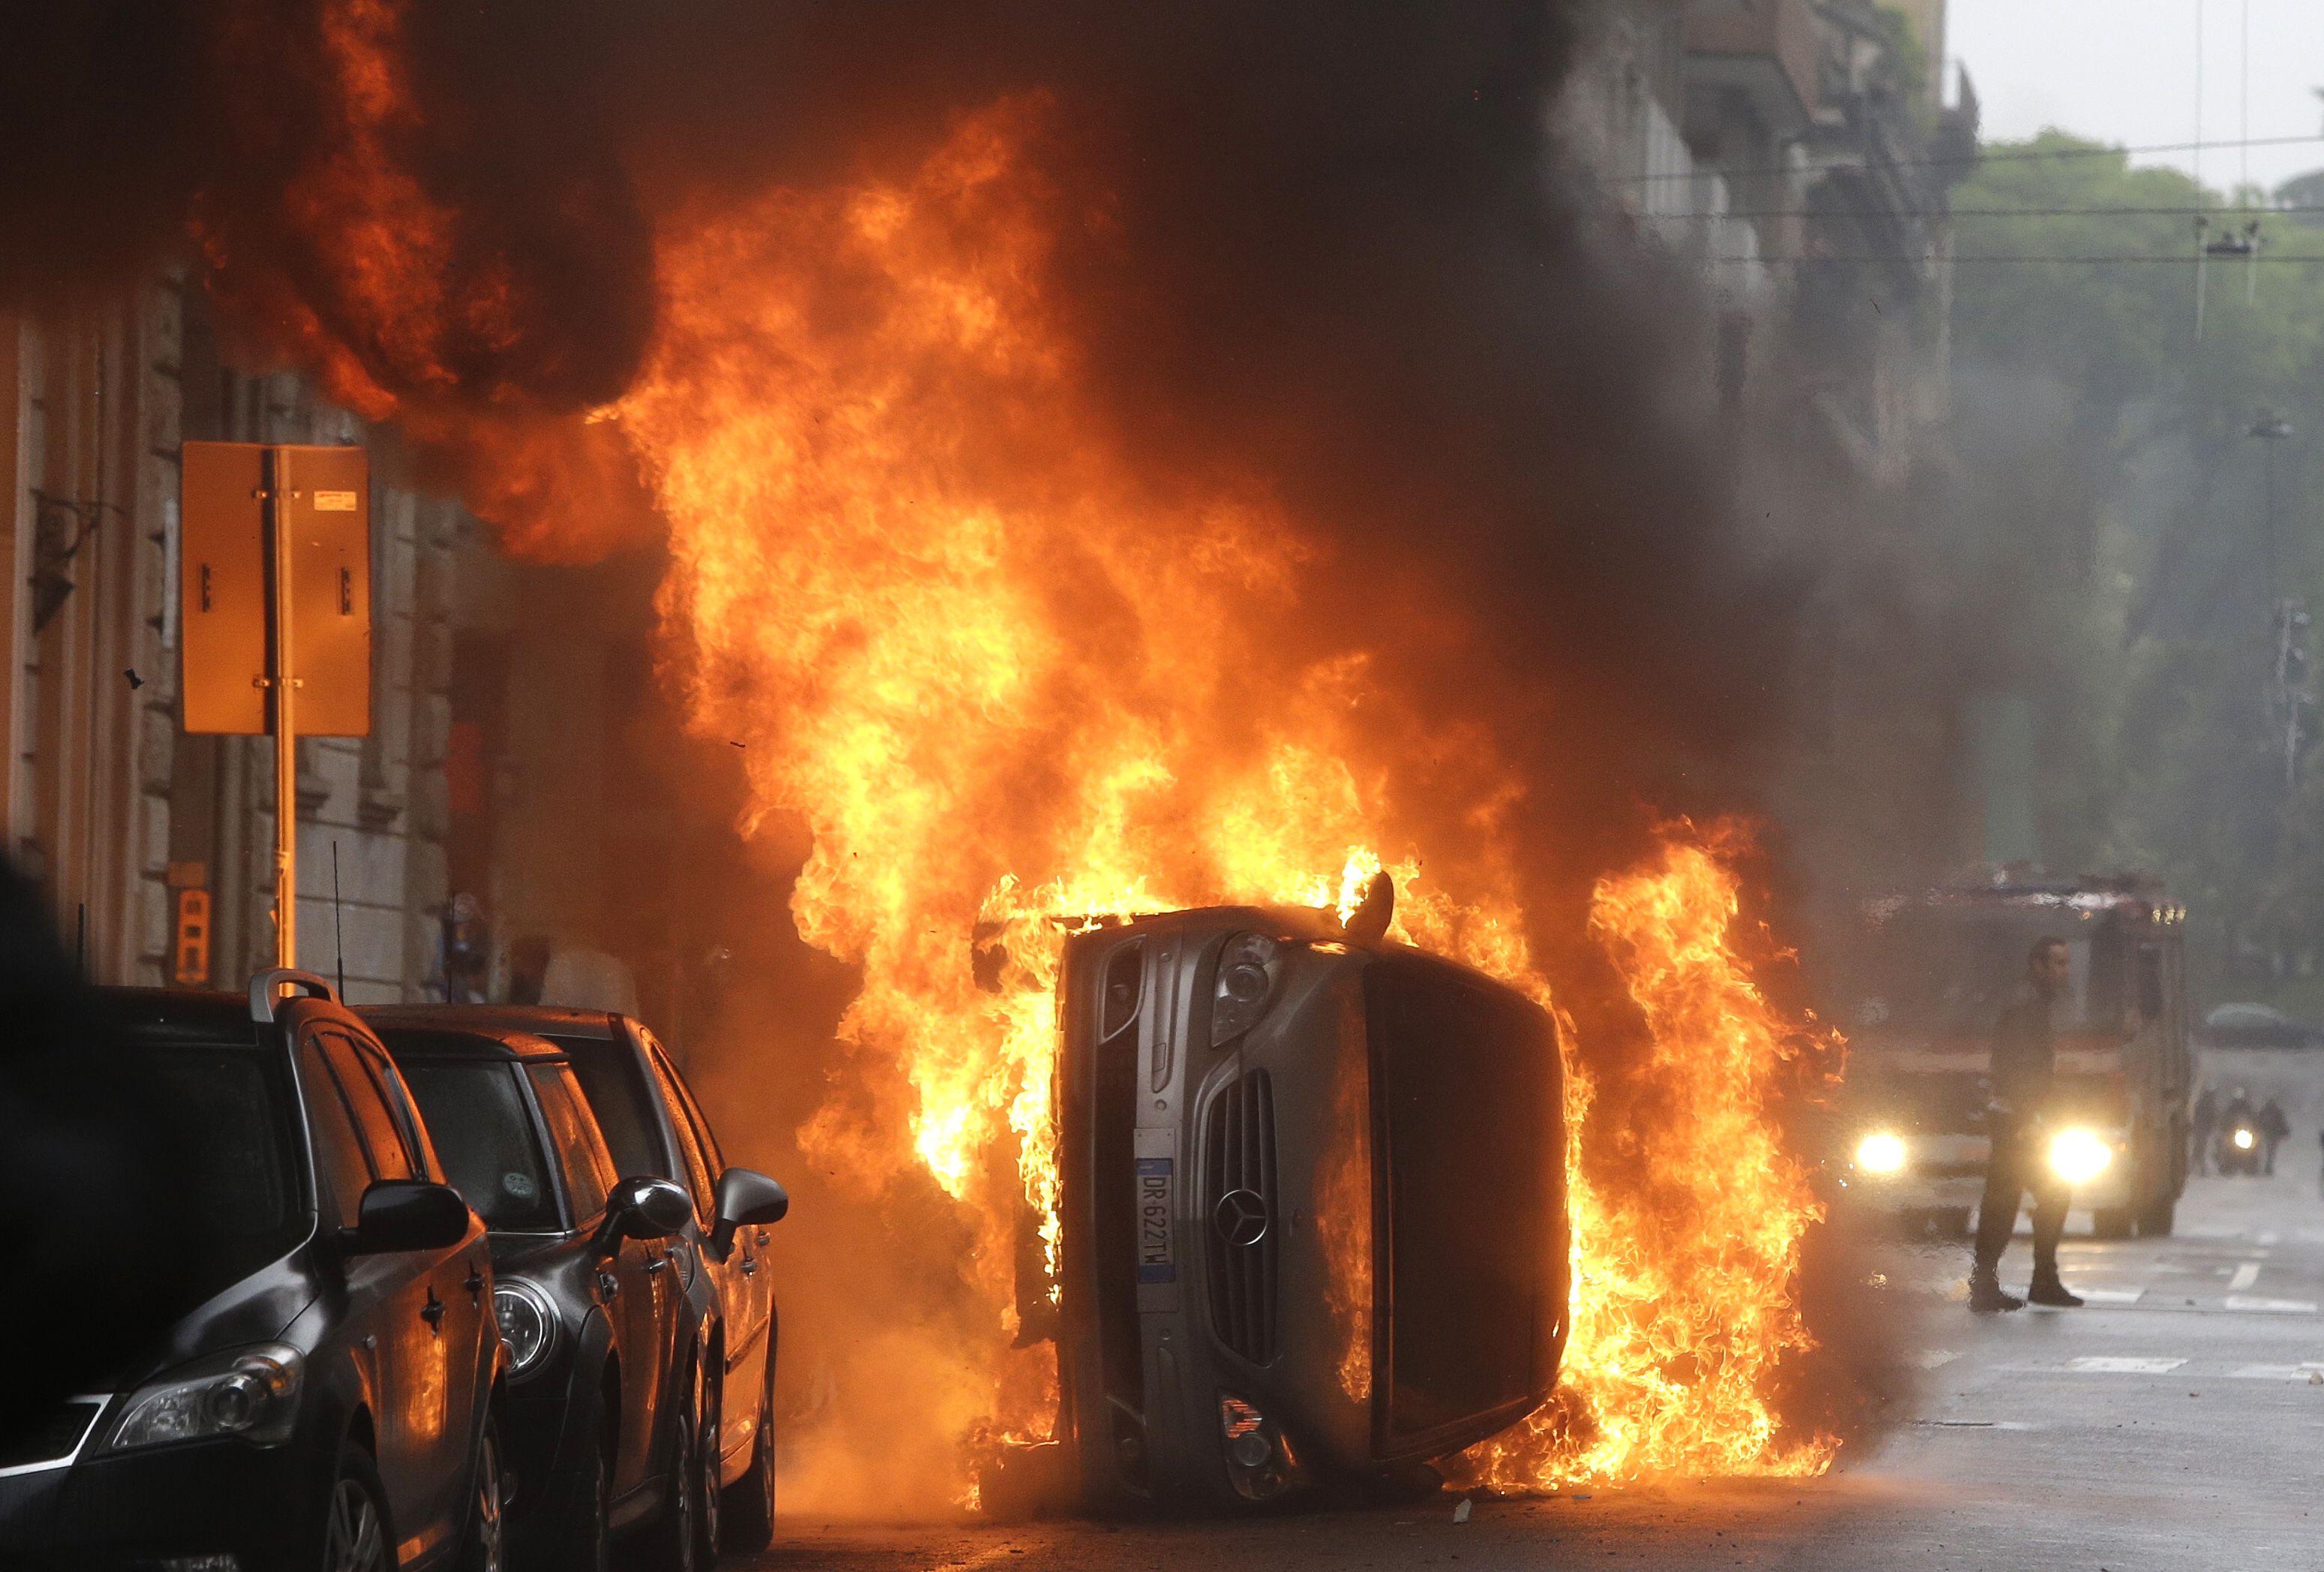 Manifestantes opositores a la Exposición Universal Milán 2015 causaron graves desmanes en el centro de la ciudad.